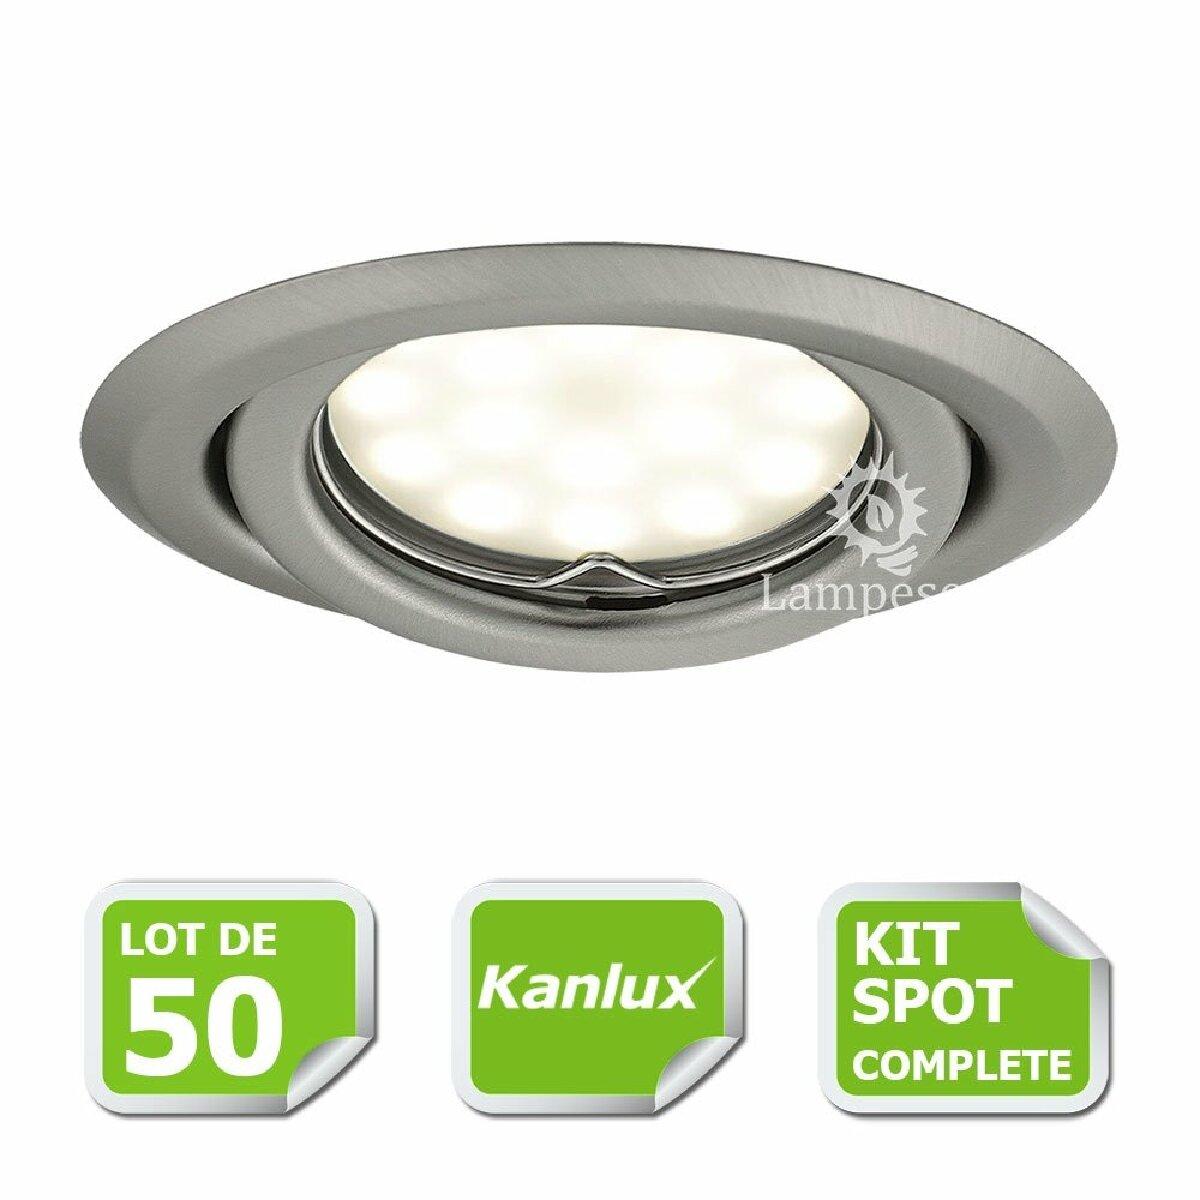 Kanlux Kit complete de 50 Spots encastrable chrome mat orientable marque Kanlux avec GU10 LED 5W 3000K blanc chaud